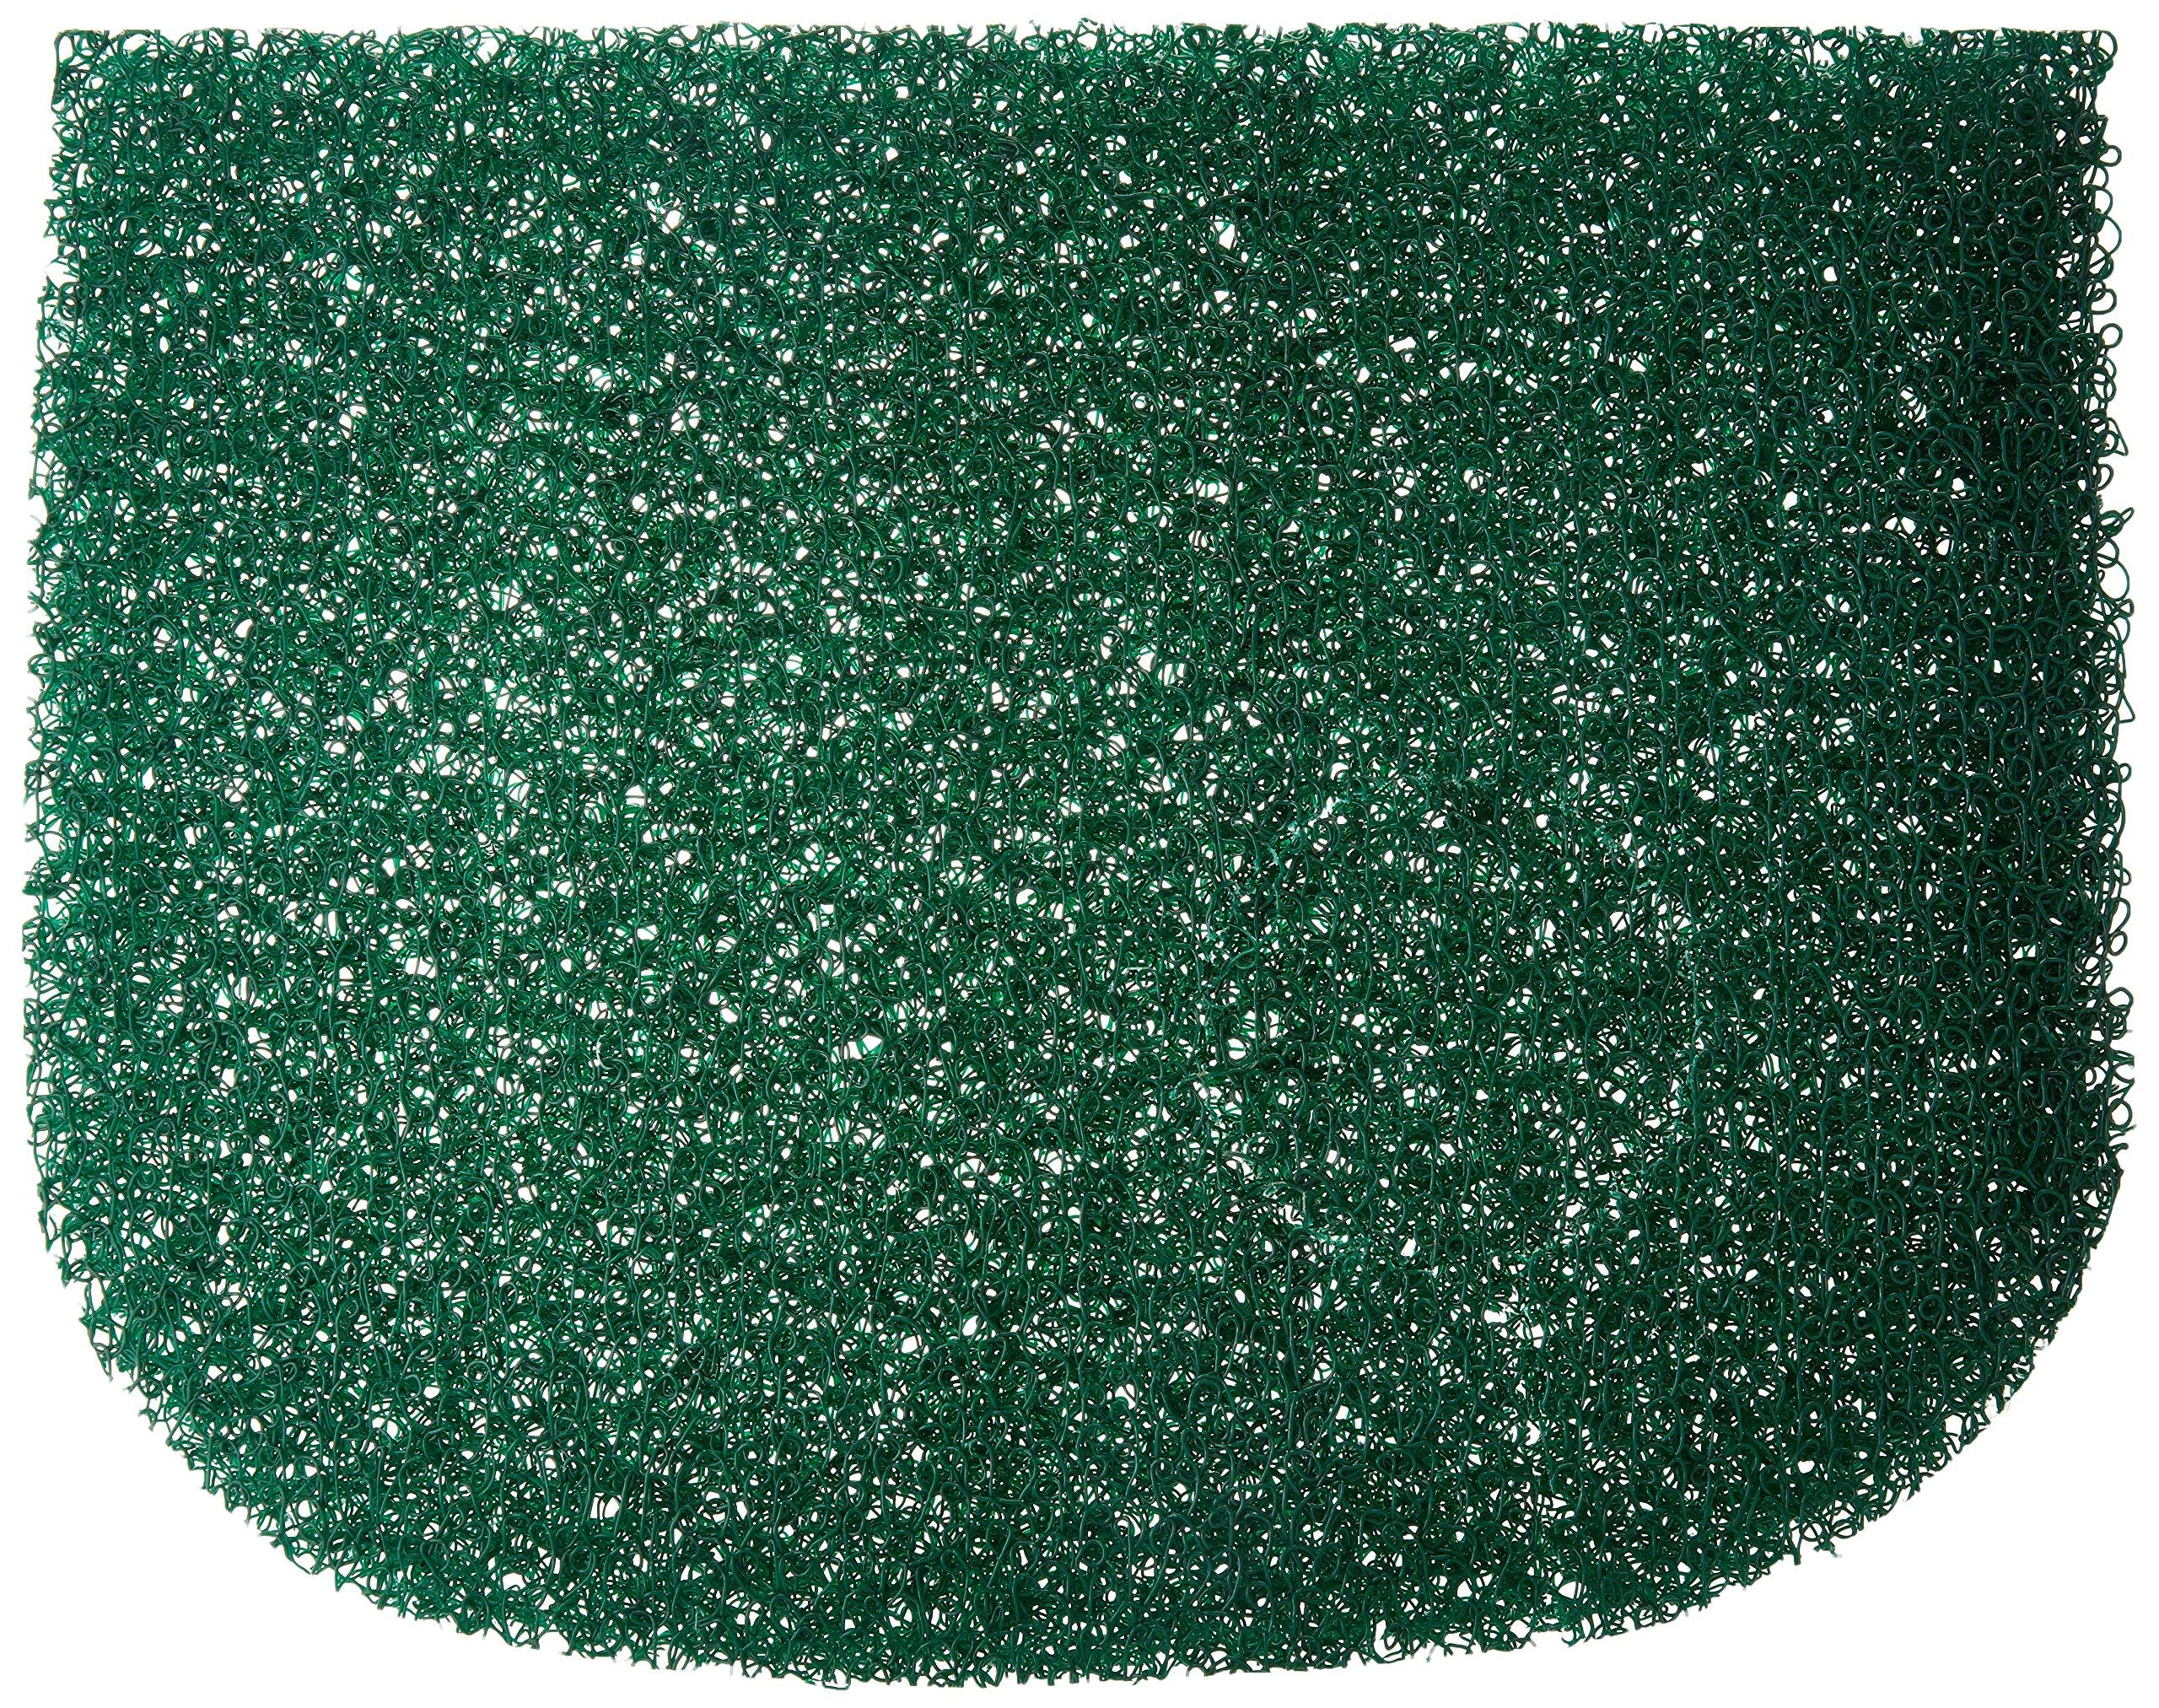 AquascapePRO AquascapePRO Signature Series Skimmer 6.0 & 8.0 Filter Mat -Matala Material